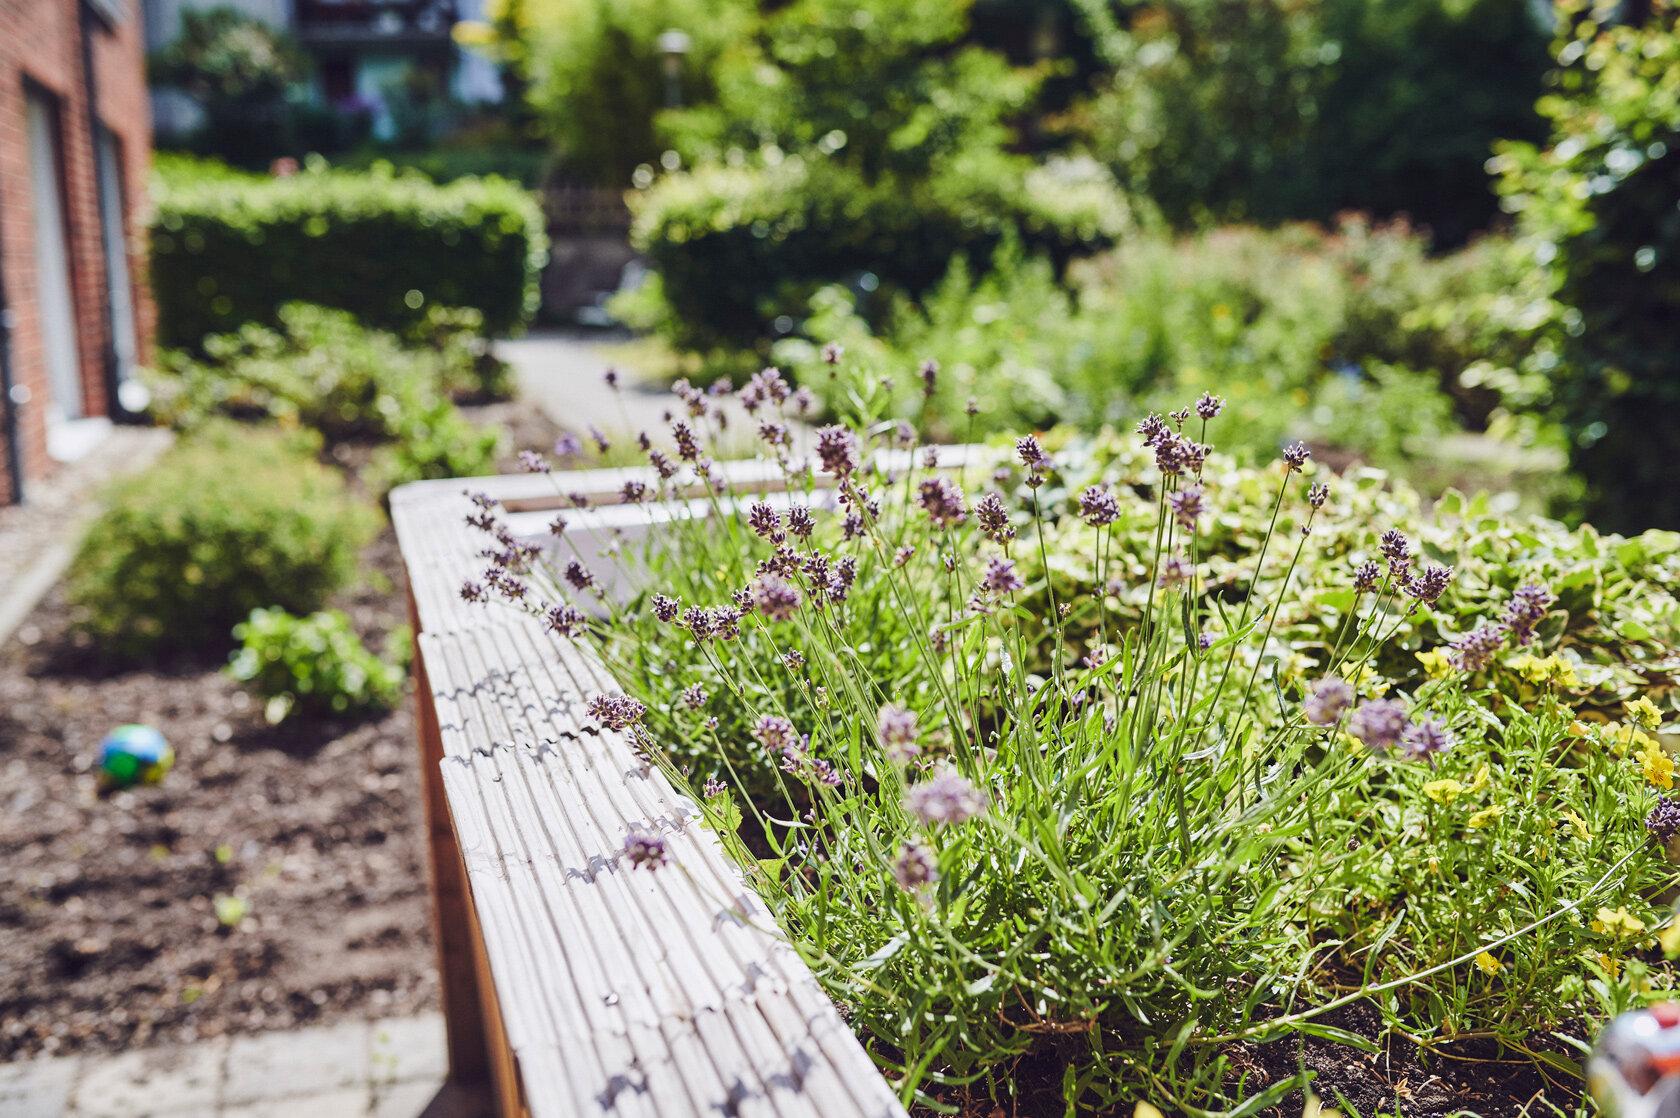 Anpflanzung im Garten des Johanniter-Stiftes Wuppertal